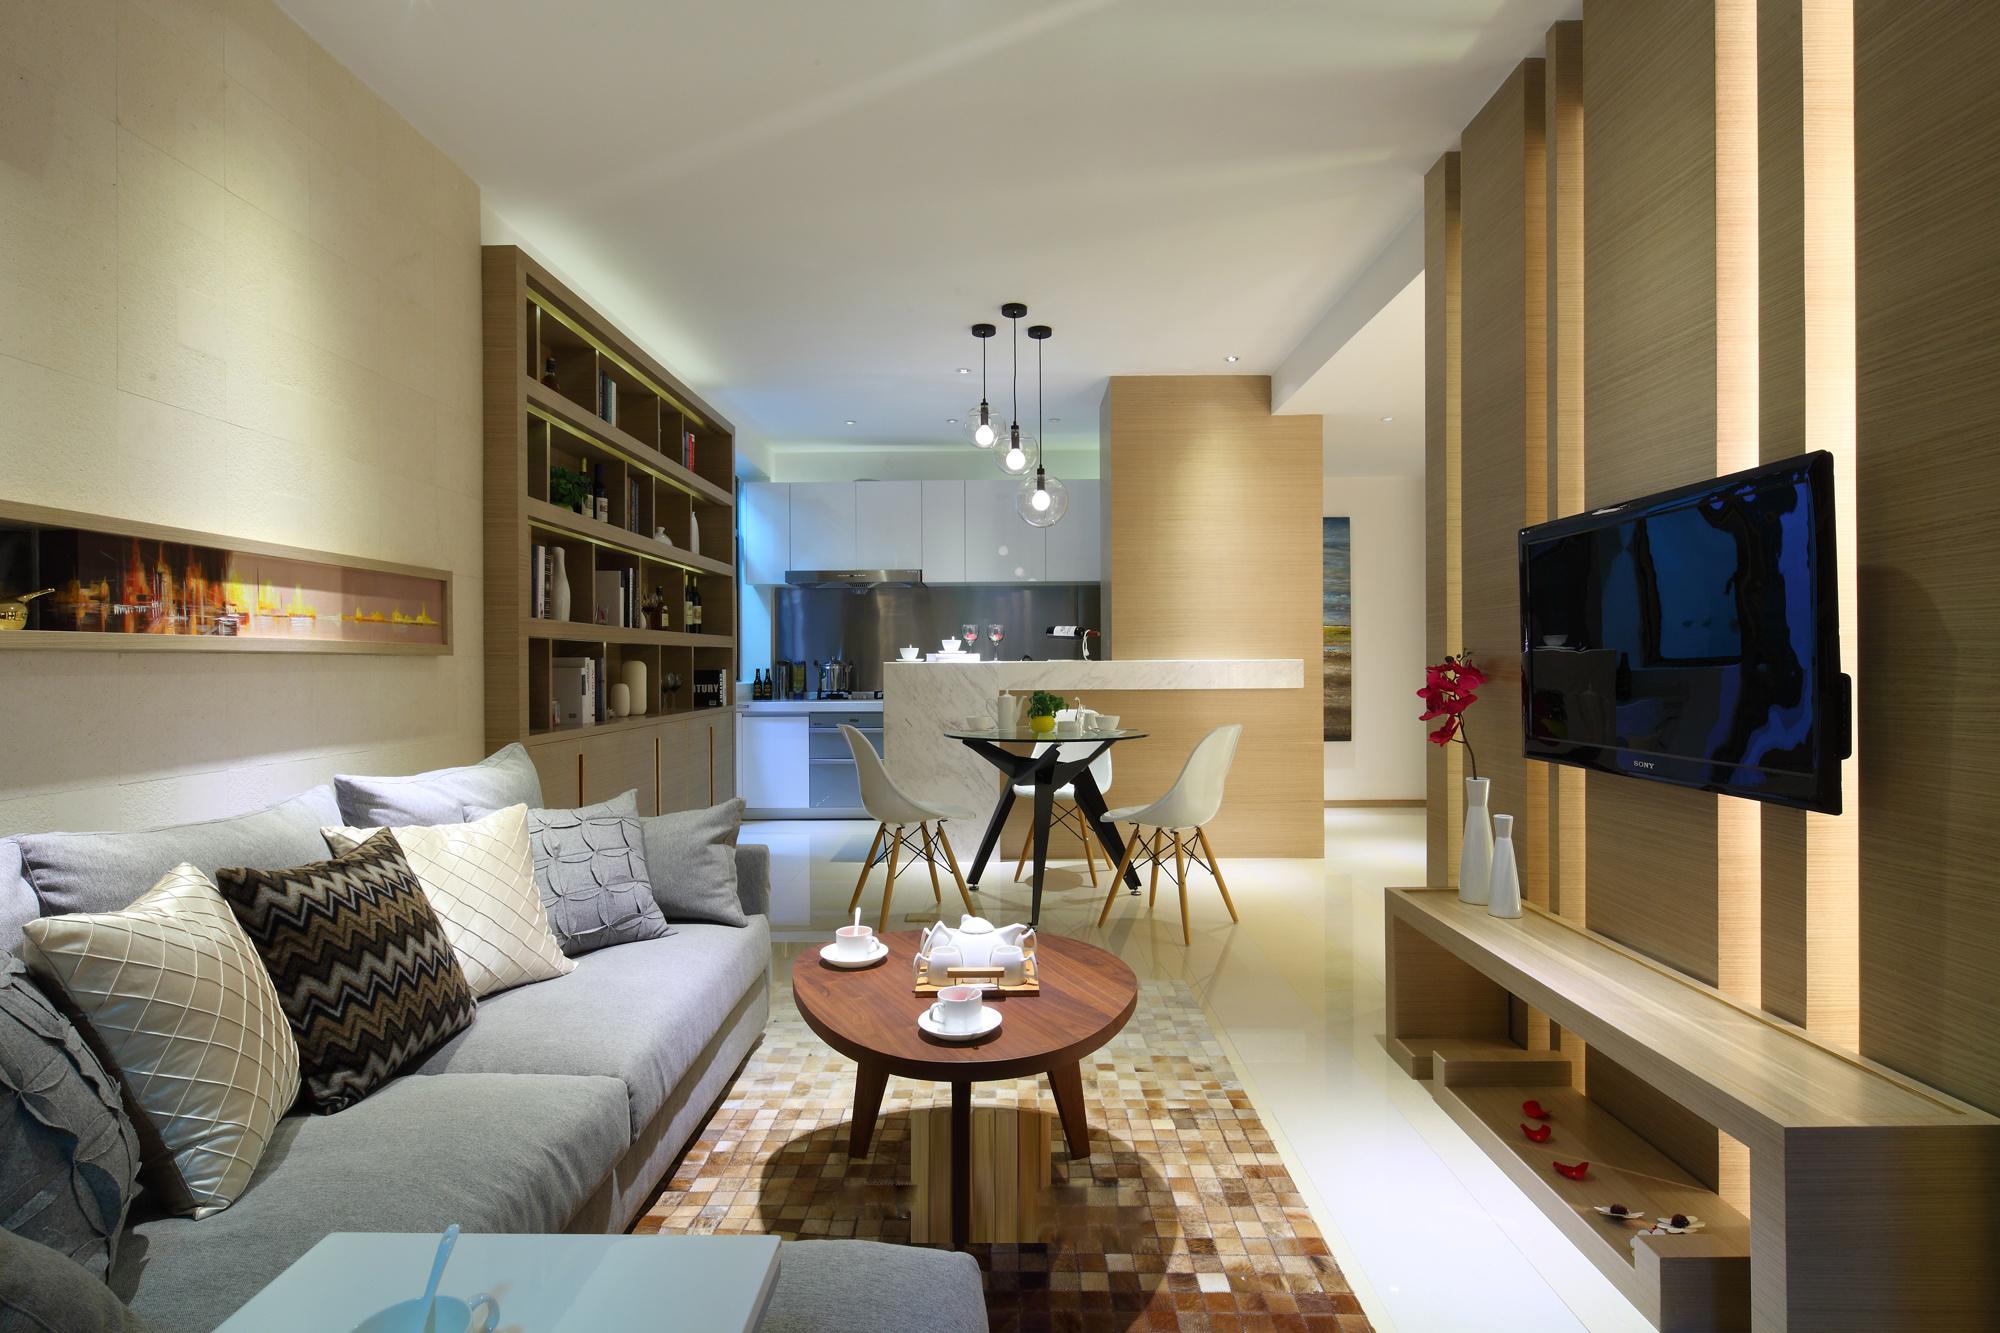 日式 客厅图片来自安豪装饰在世茂翡翠首府-116平-日式风格的分享